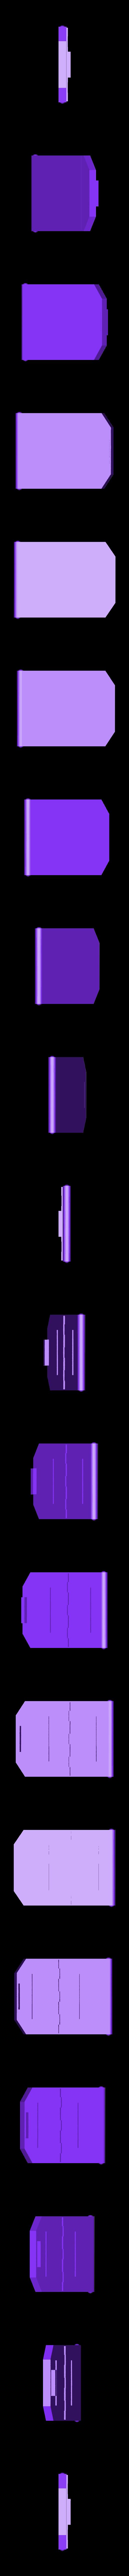 Revised_Door_X_1_snug_fit.stl Télécharger fichier STL gratuit Mech Dropship 2.0 • Design imprimable en 3D, mrhers2